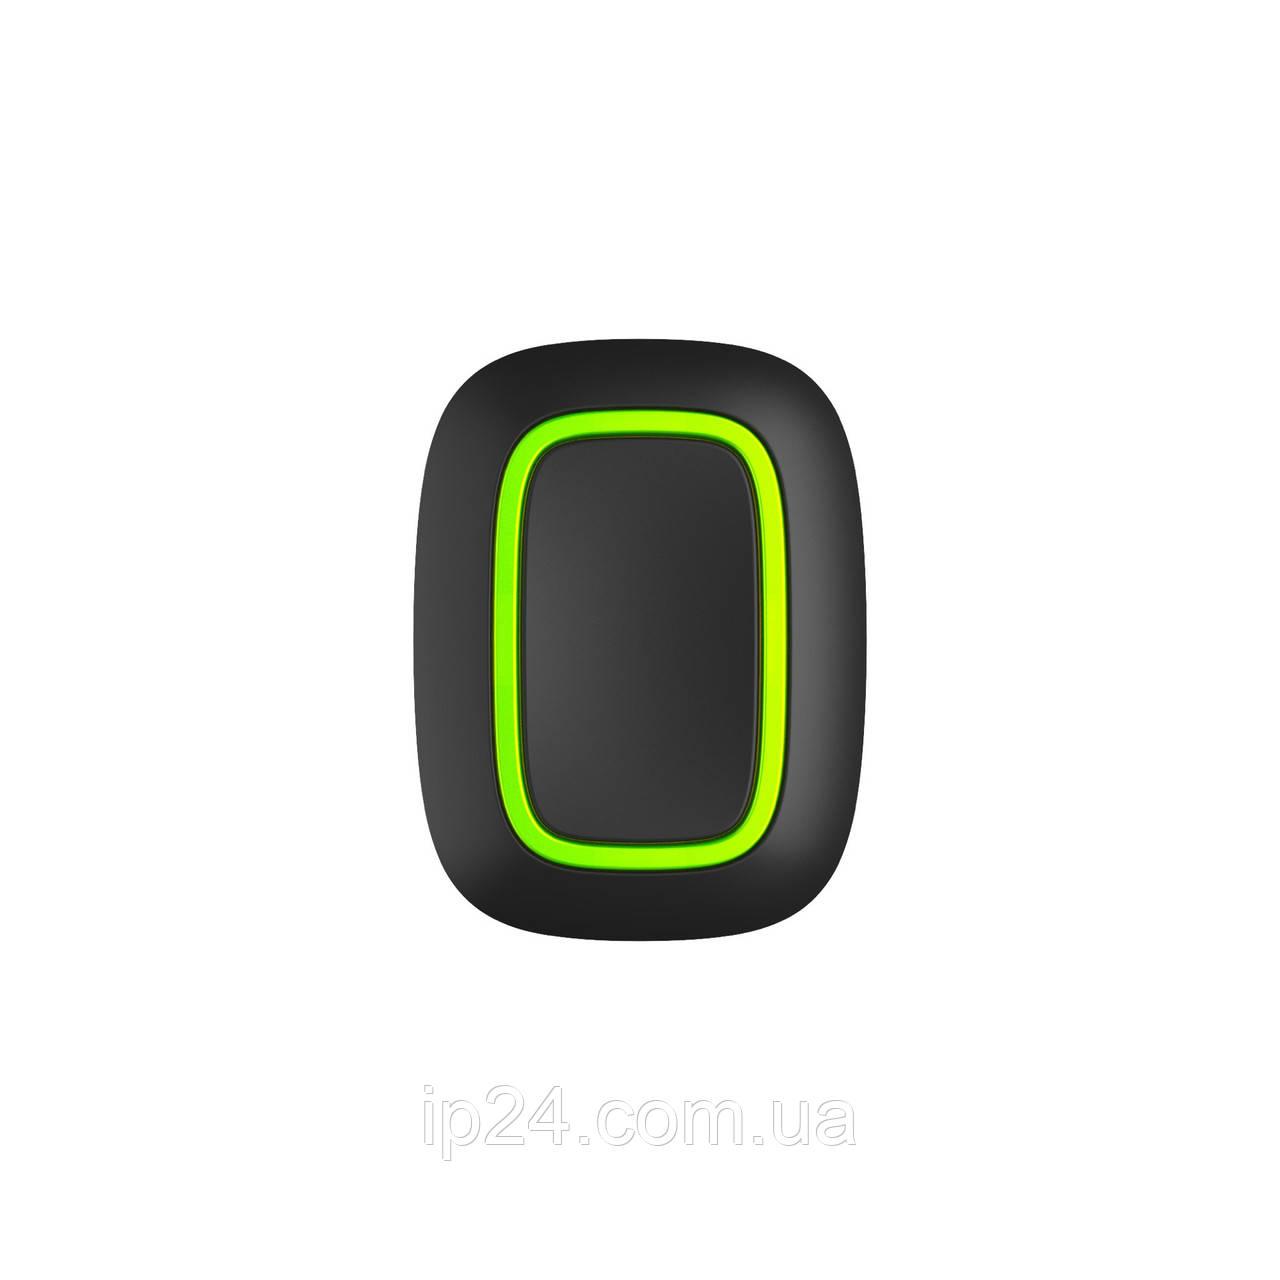 Тревожная кнопка Ajax Button черная